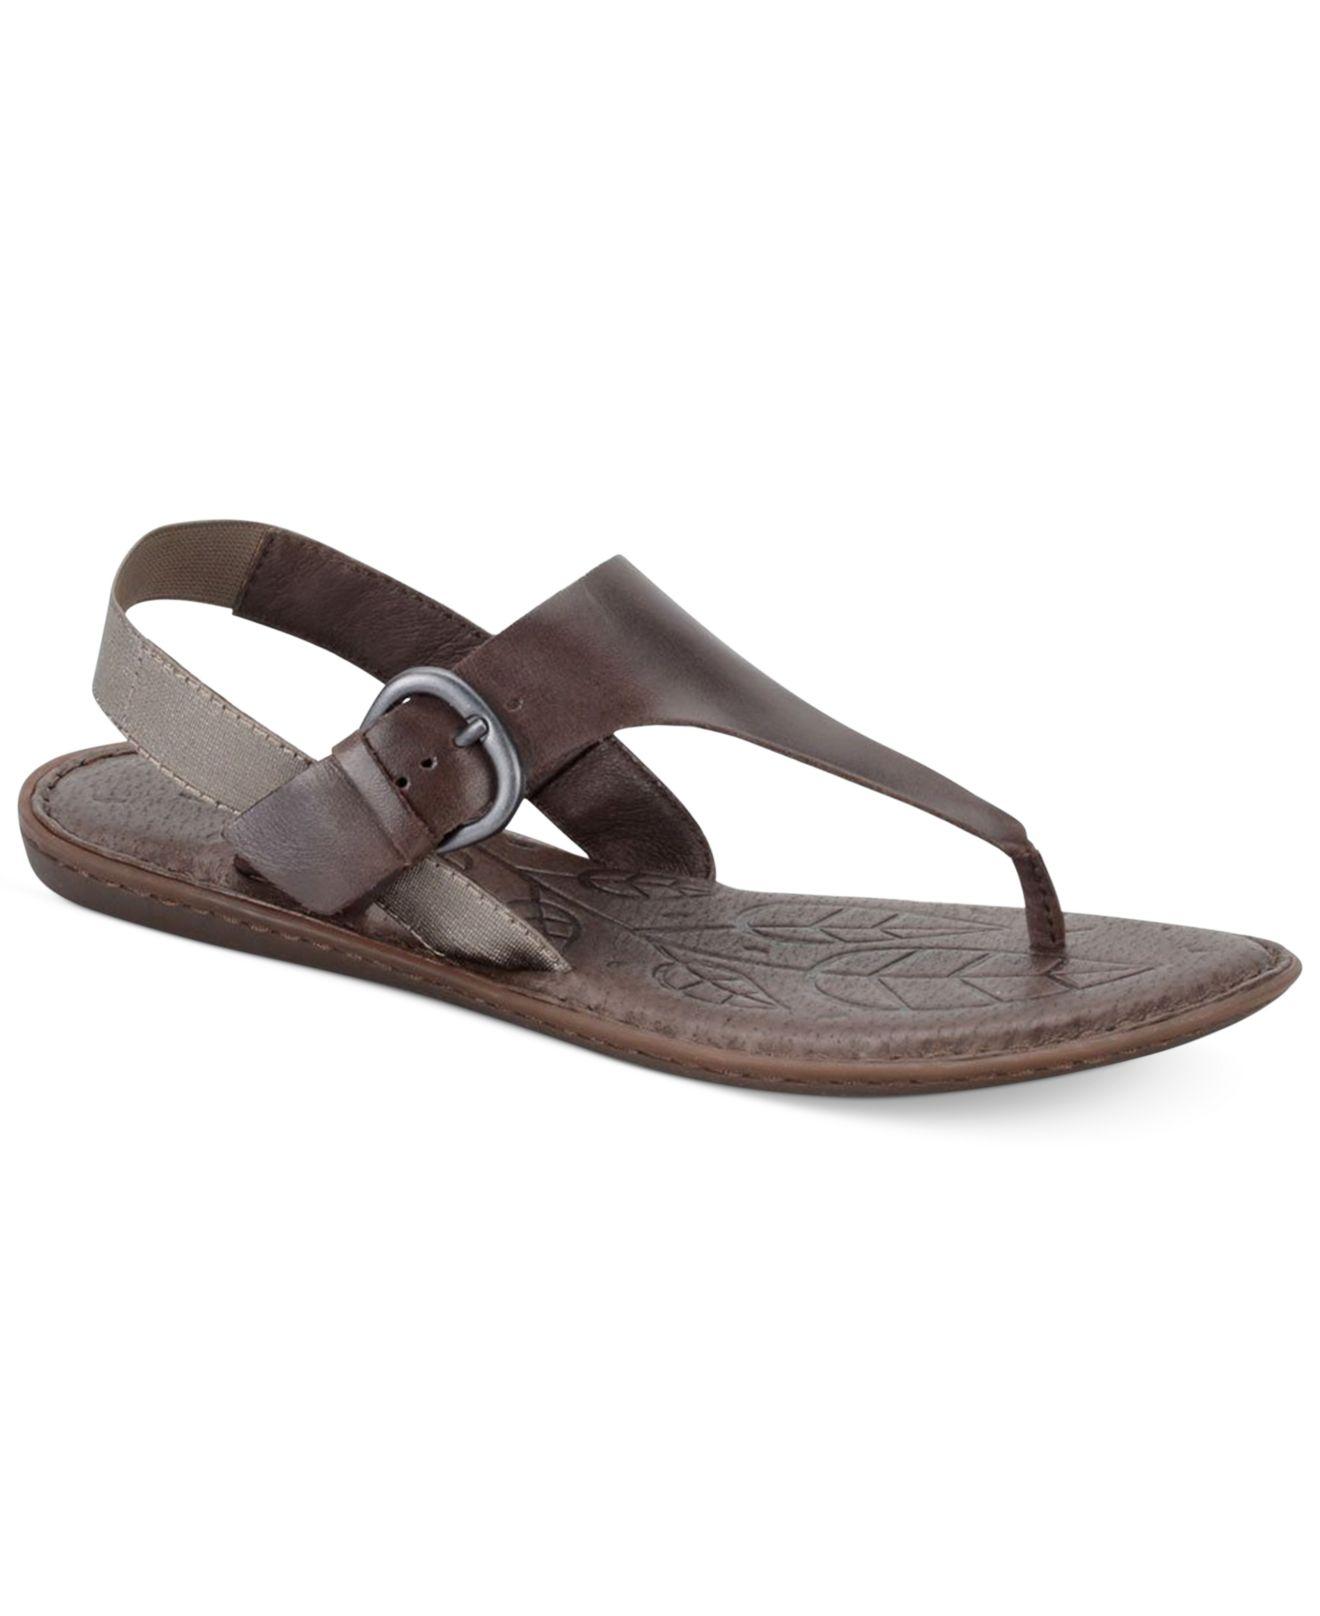 b5645bdc7312d9 Lyst born kasia flat thong sandals in brown jpg 1320x1616 Mens flat born  sandels